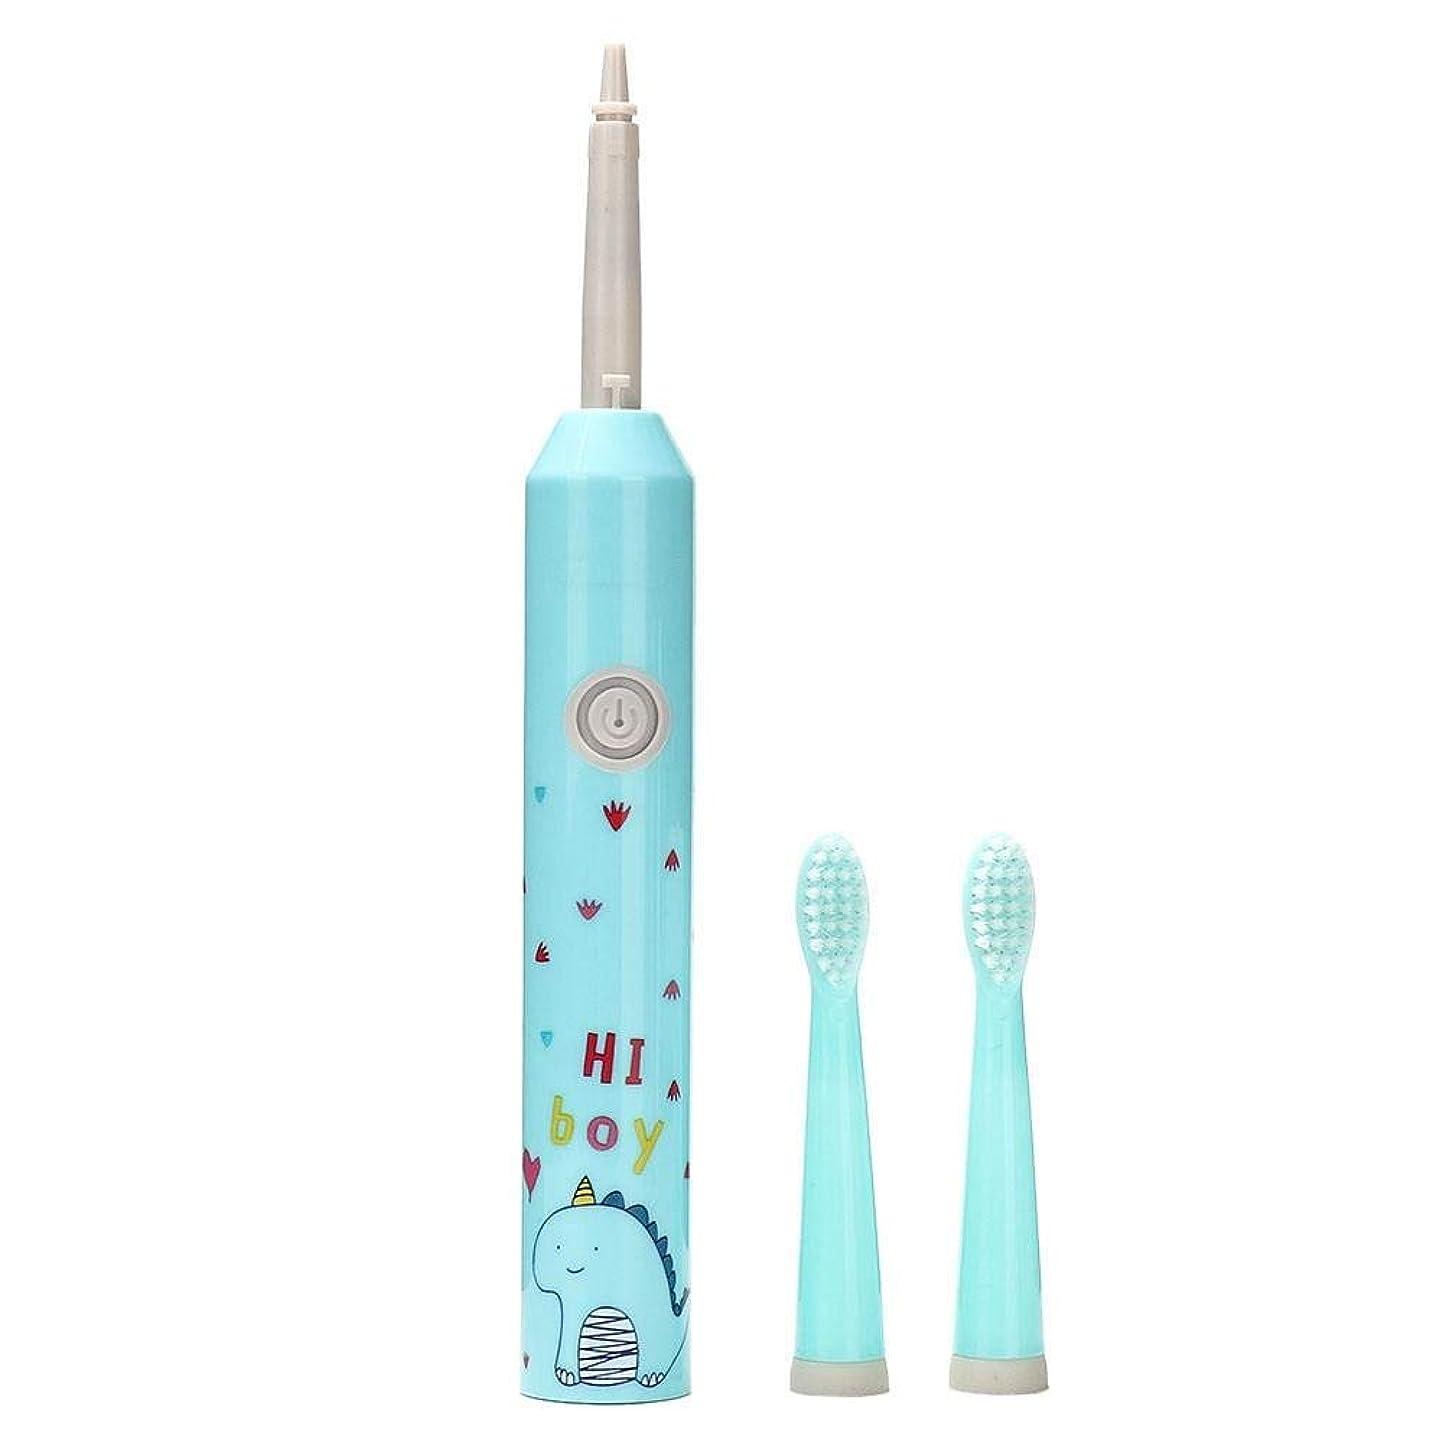 ガード水最大Qiilu 子供電動歯ブラシ 電動歯ブラシ 歯ブラシ 携帯型 12500回/分 防塵カバー(ブルー)